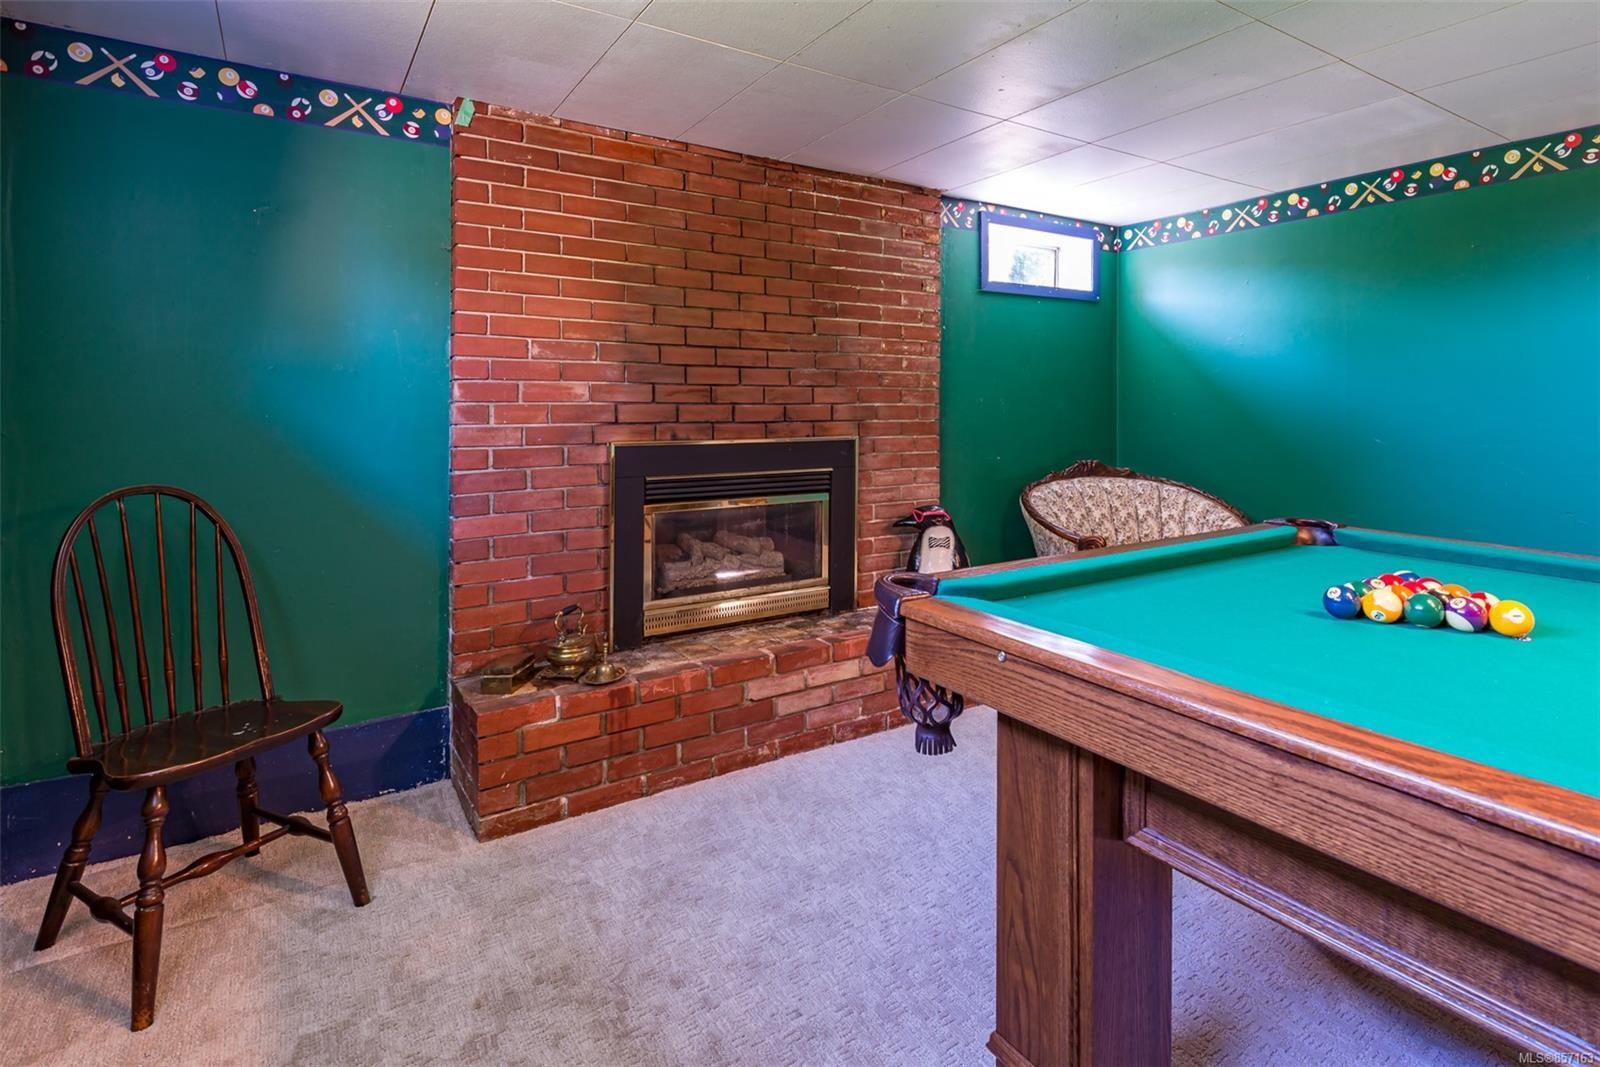 Photo 38: Photos: 4241 Buddington Rd in : CV Courtenay South House for sale (Comox Valley)  : MLS®# 857163